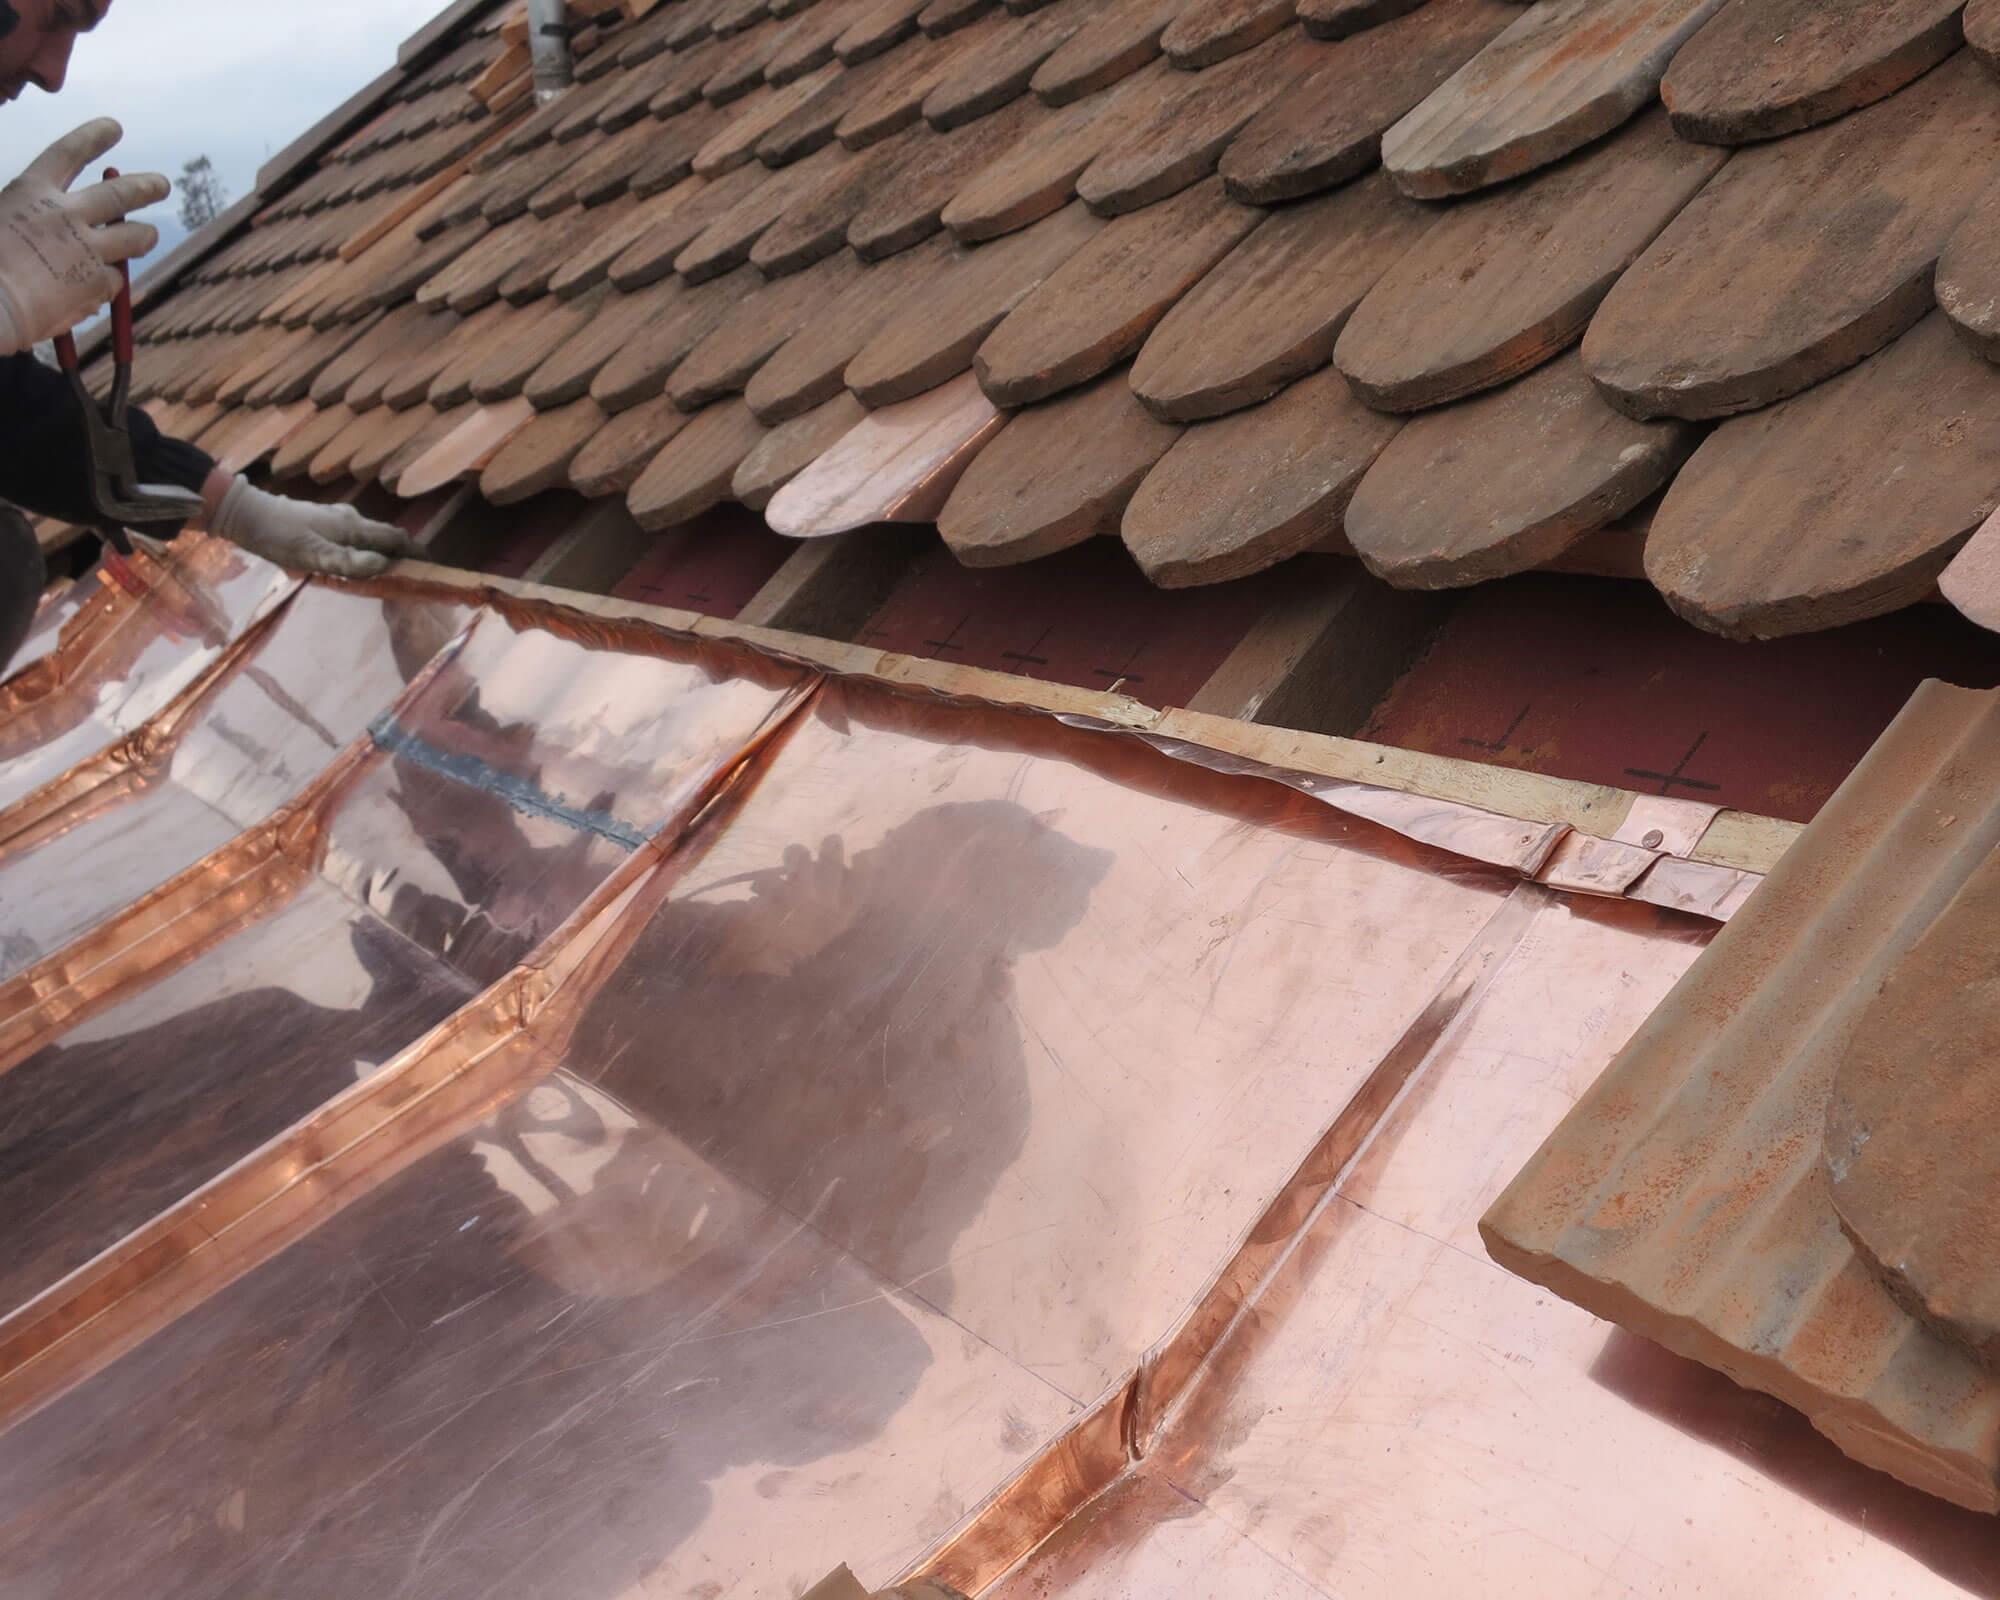 Couverture de toiture à Genève - Kroepfli Toiture